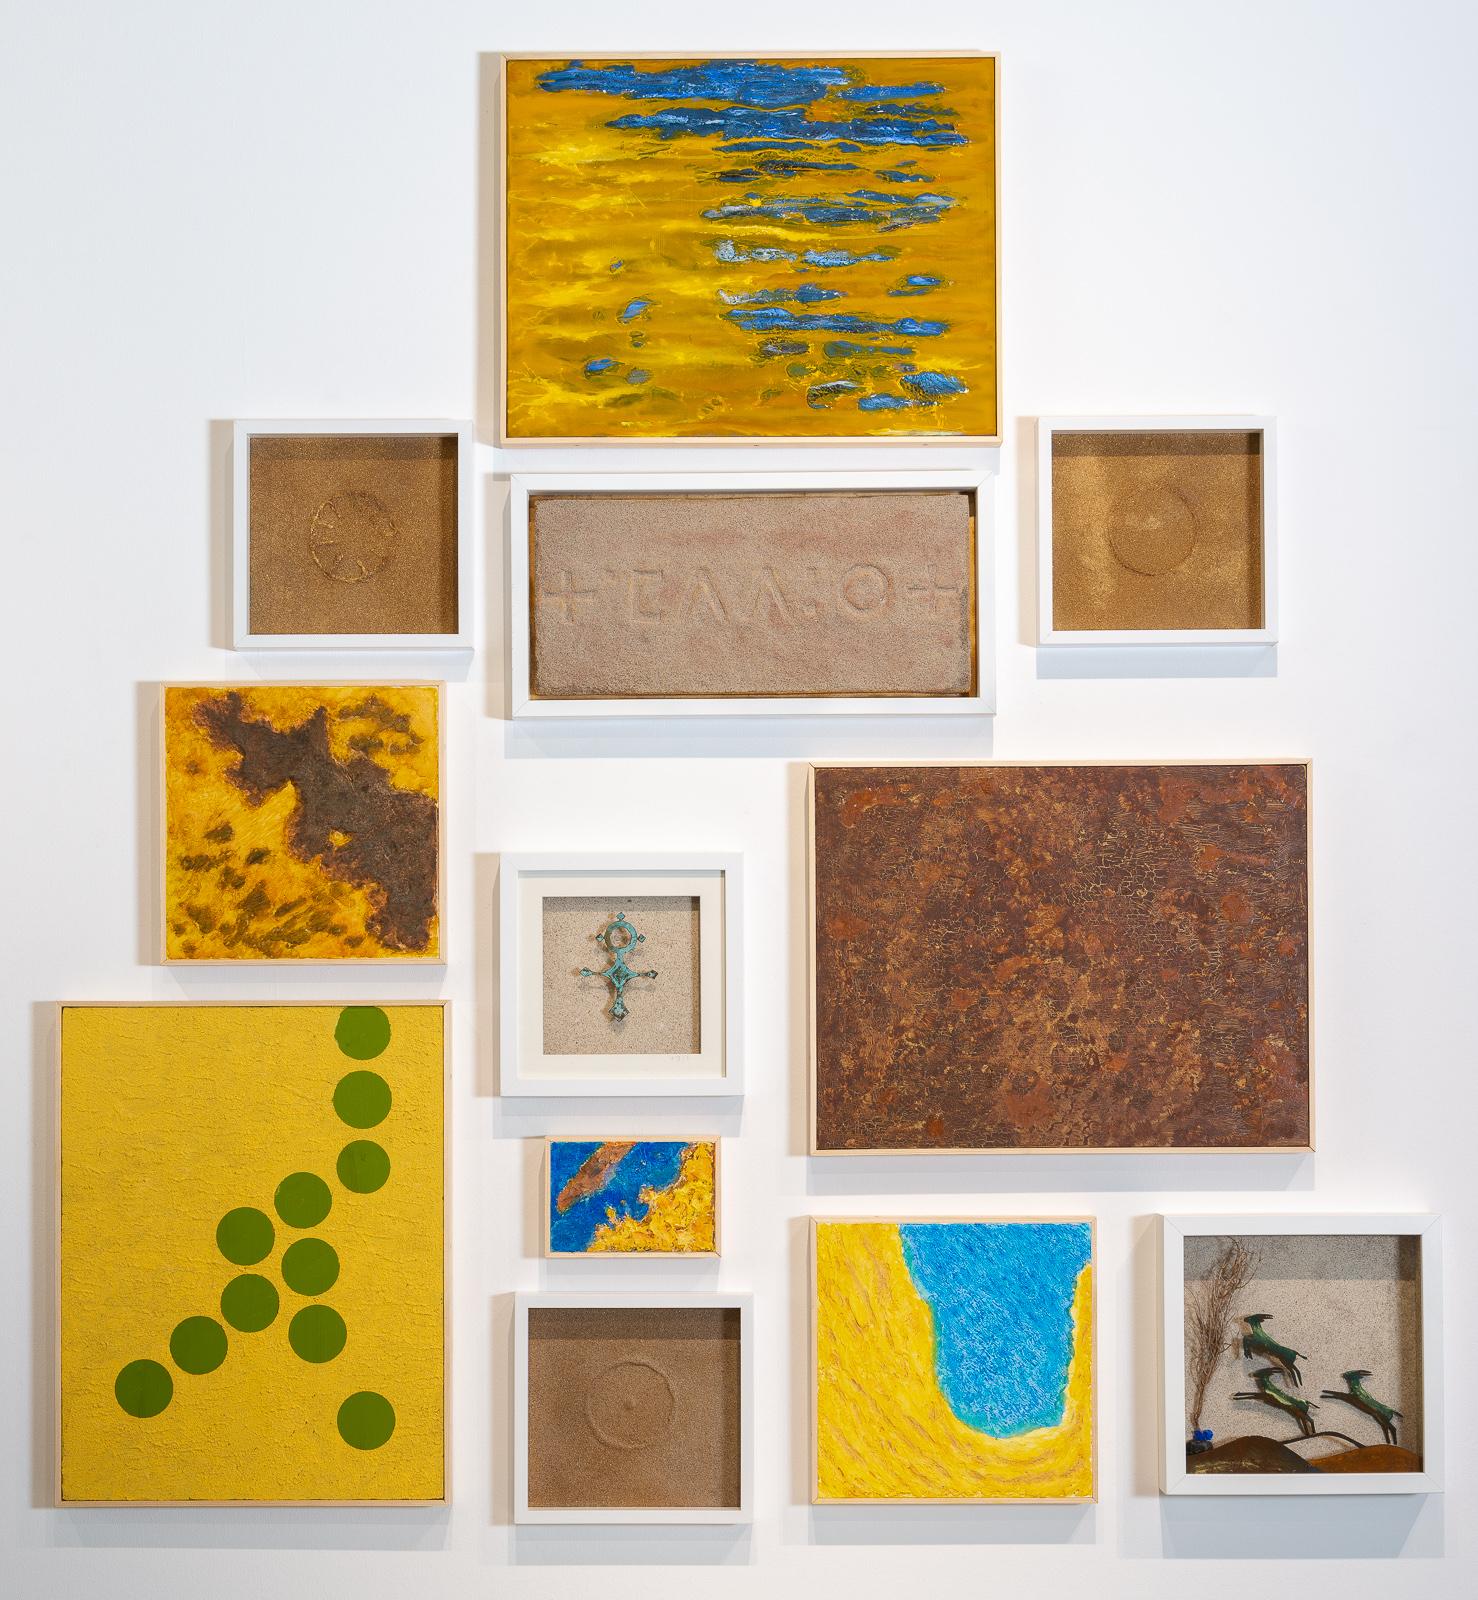 Moussa Mbarek, Farben der Wüste